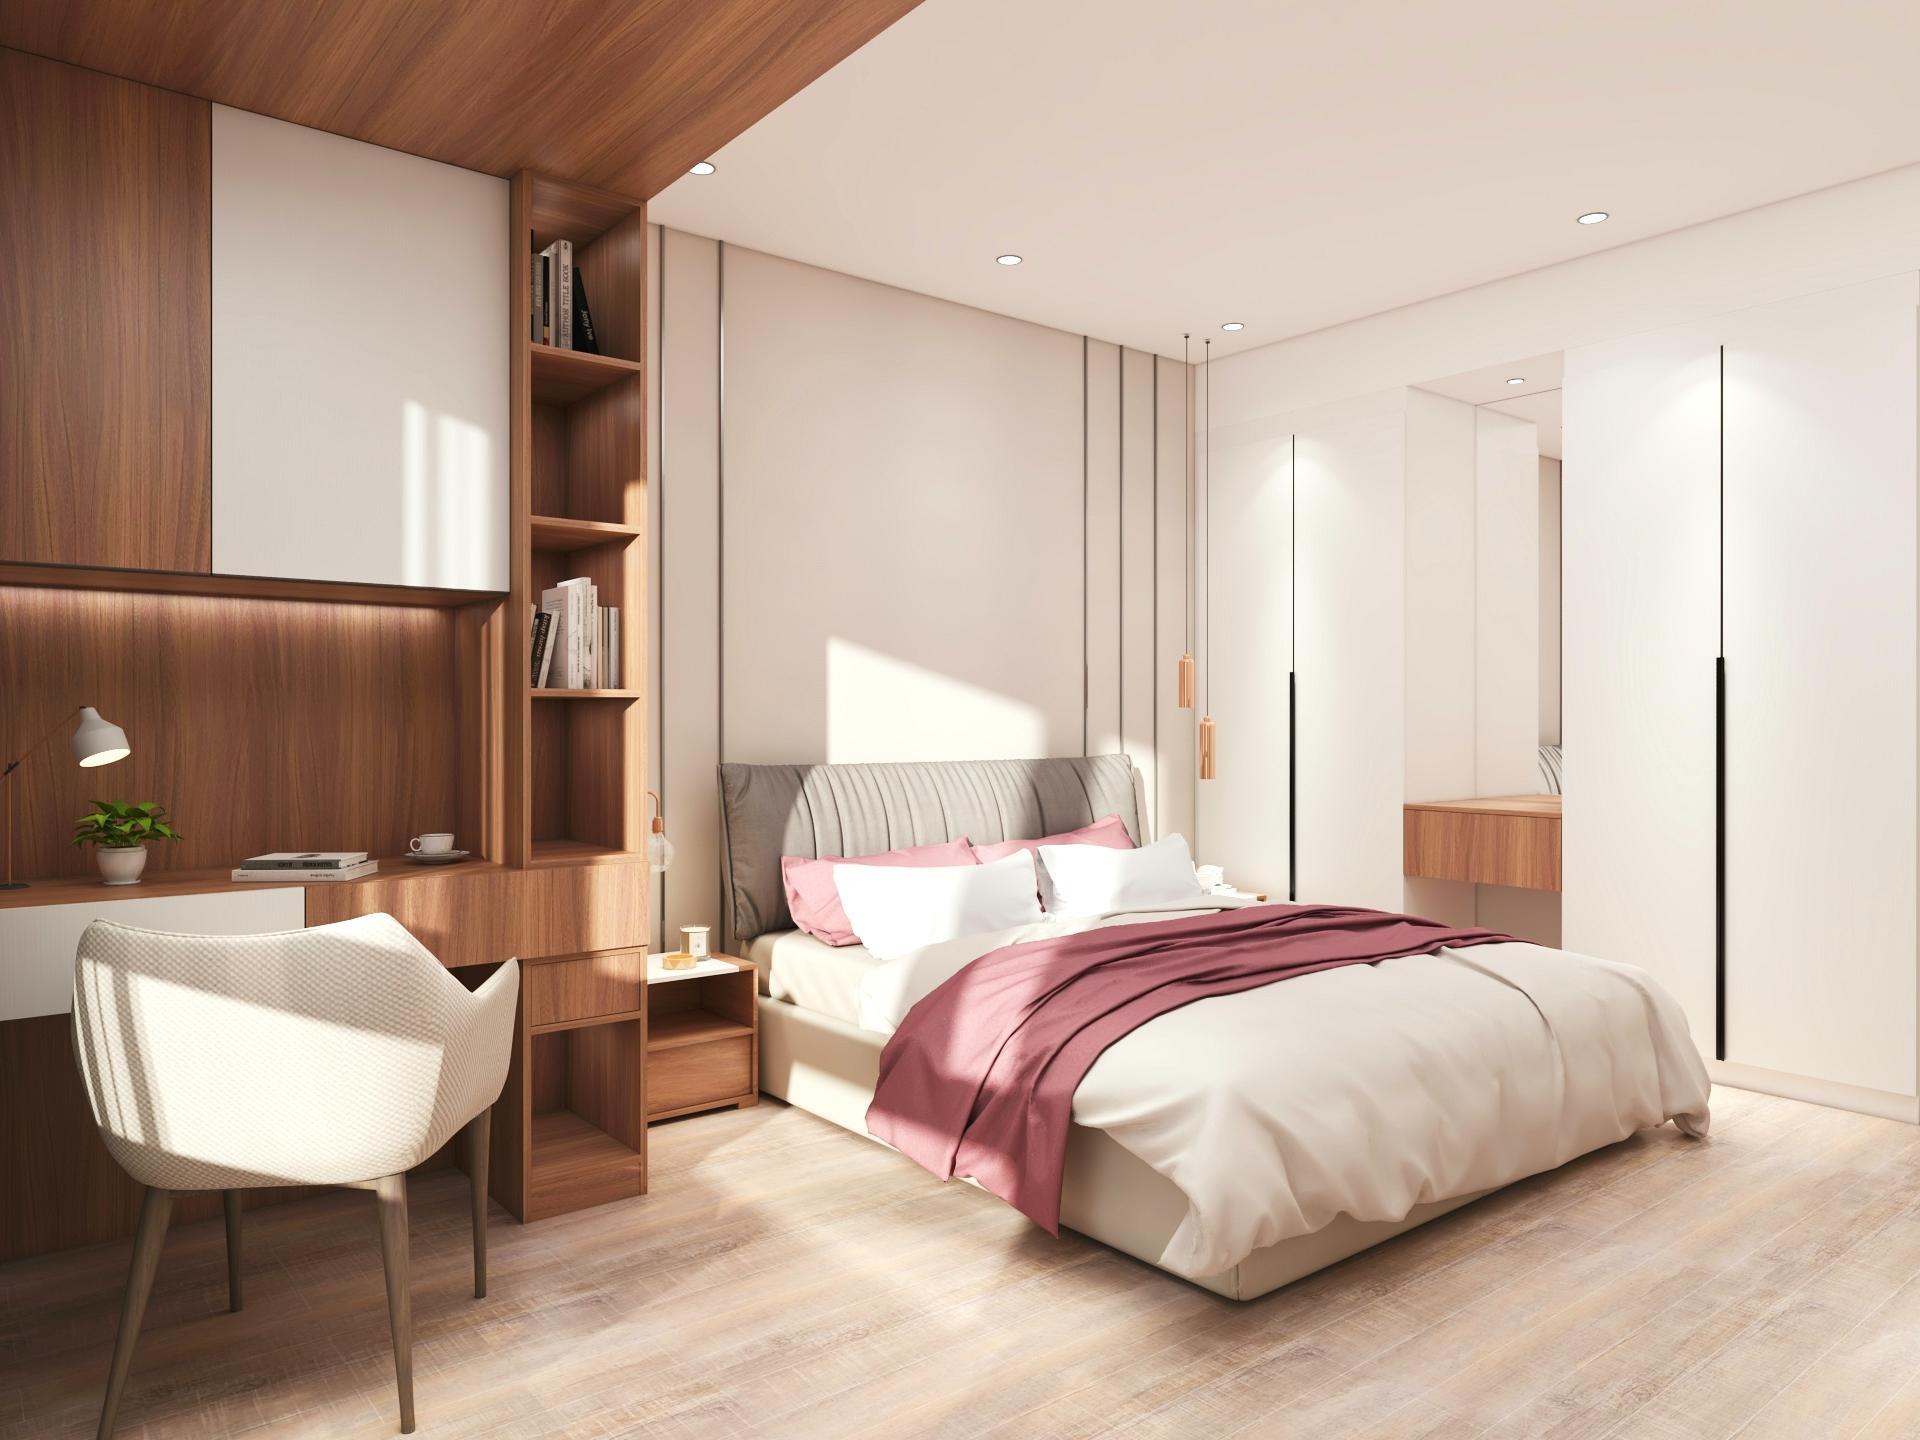 Dormitorio creado con Aihouse con las puertas cerradas